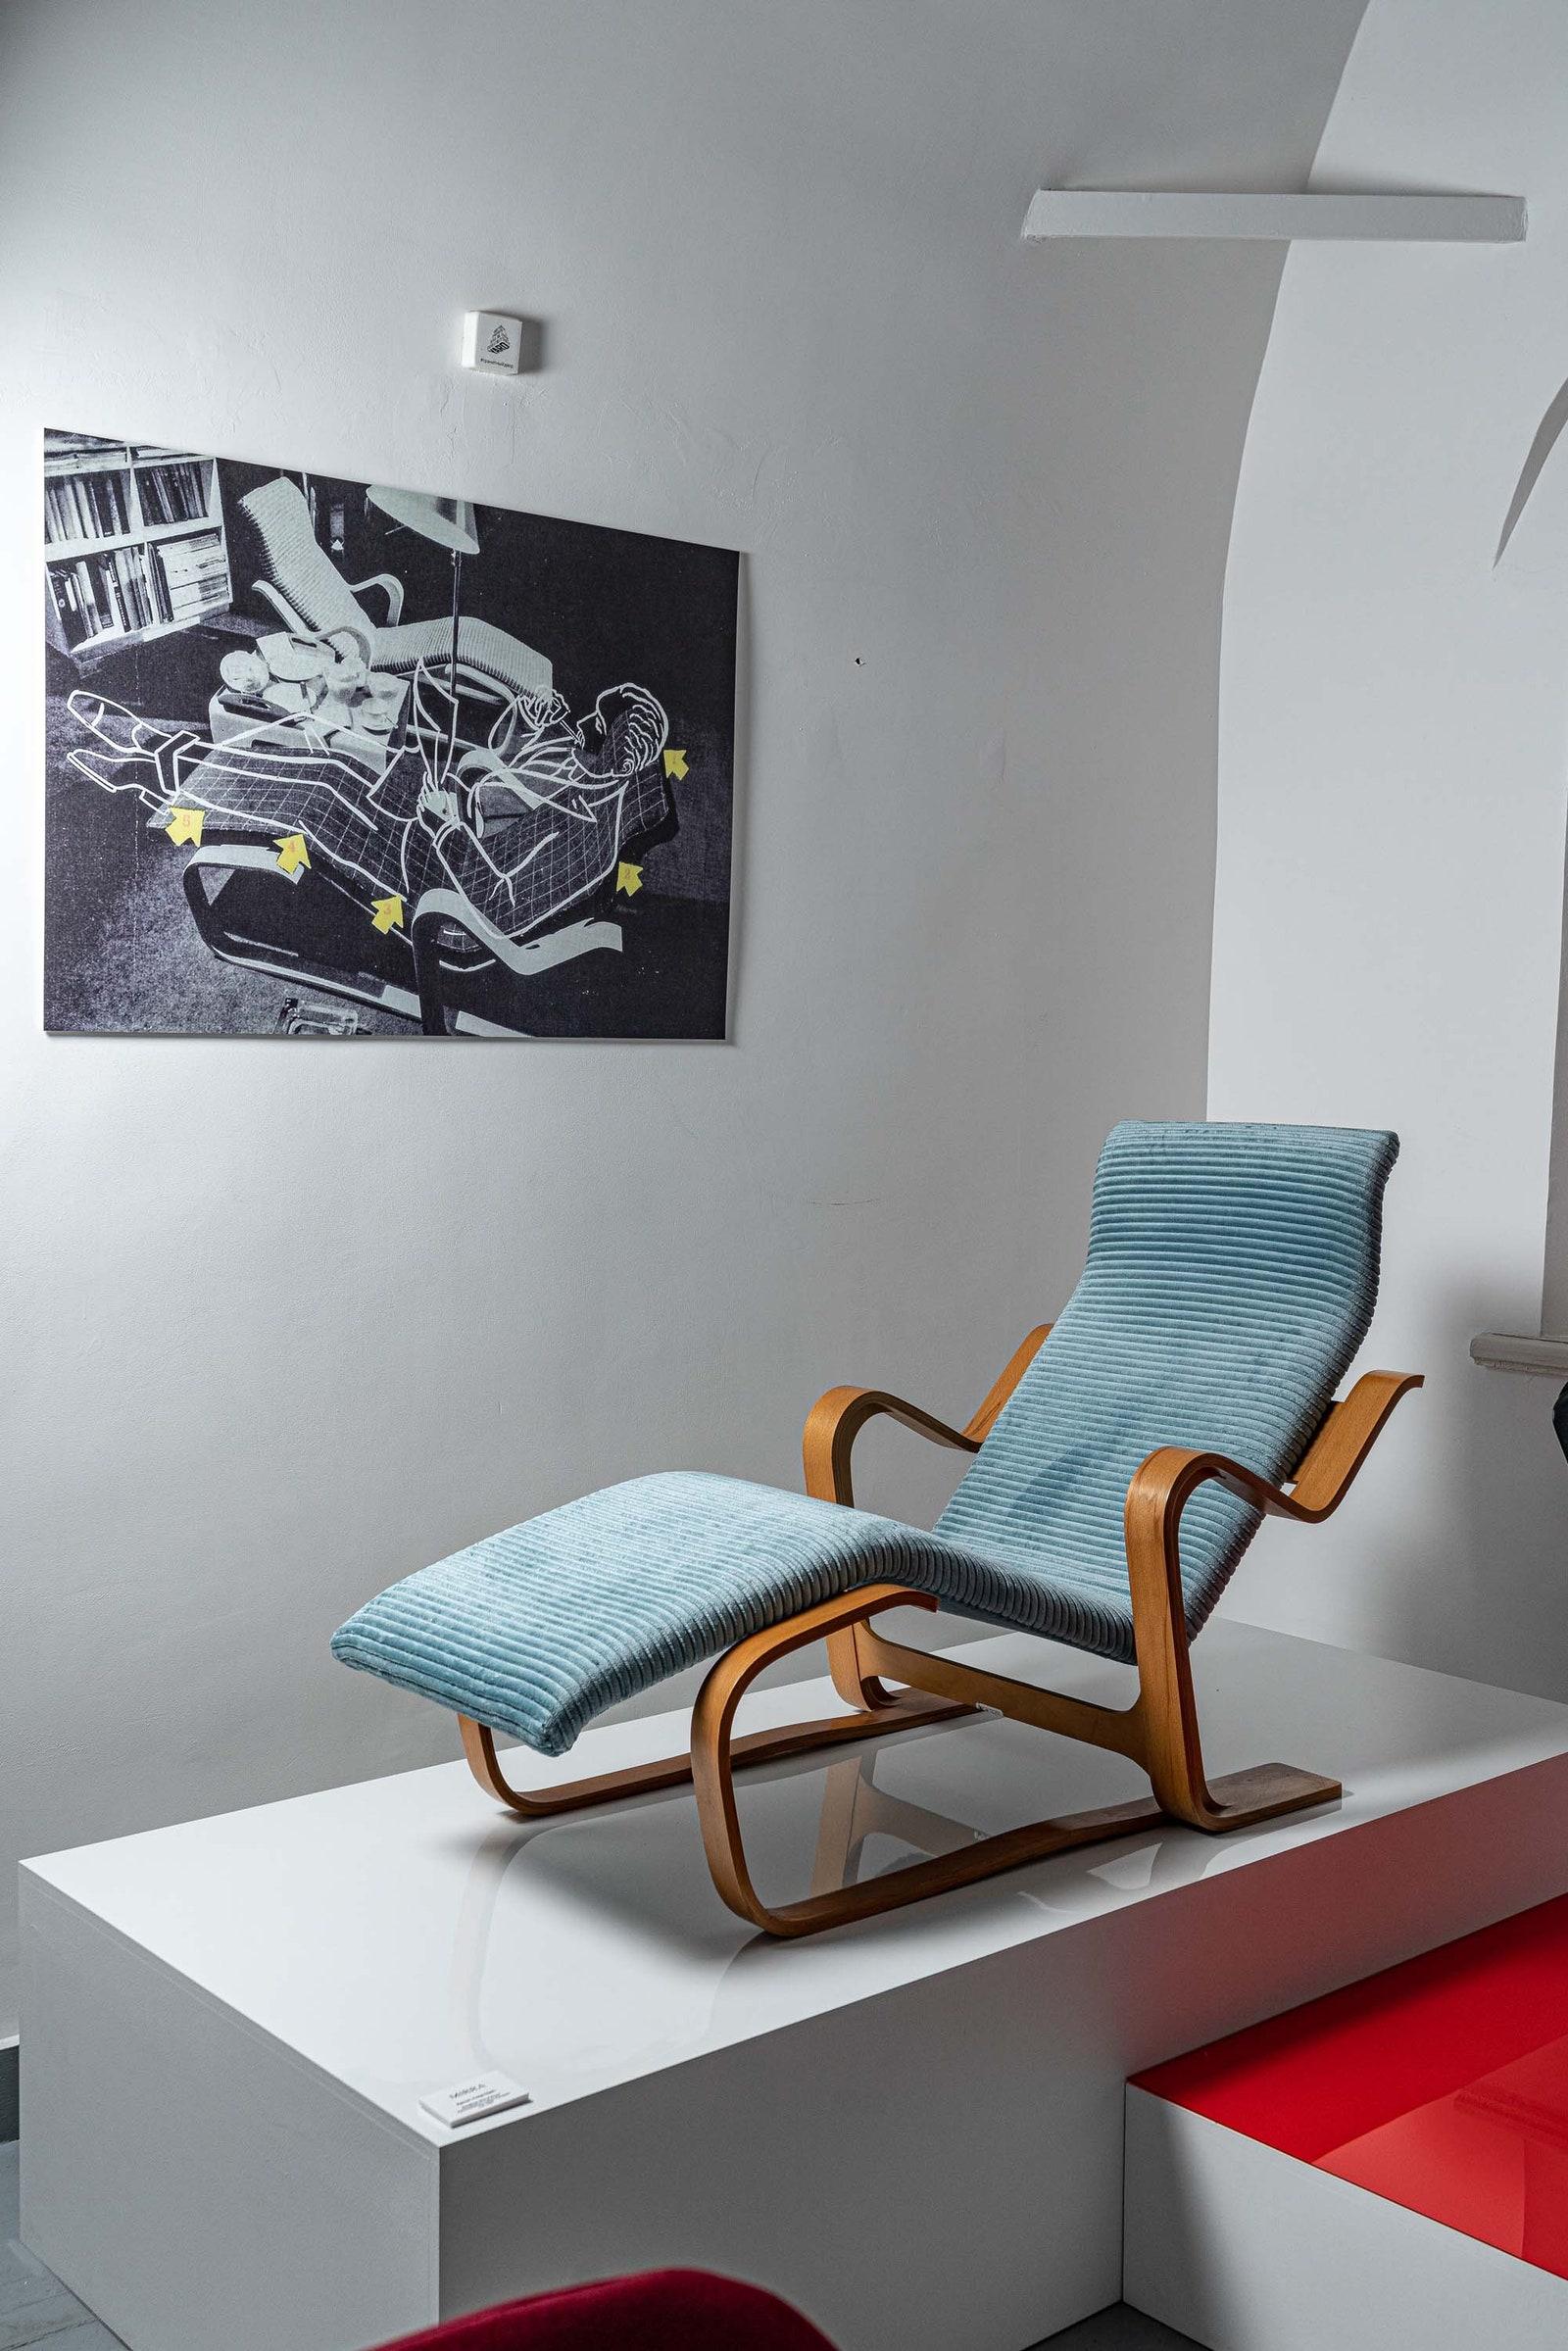 Long Chair Marcel Breuer nbsp1935.